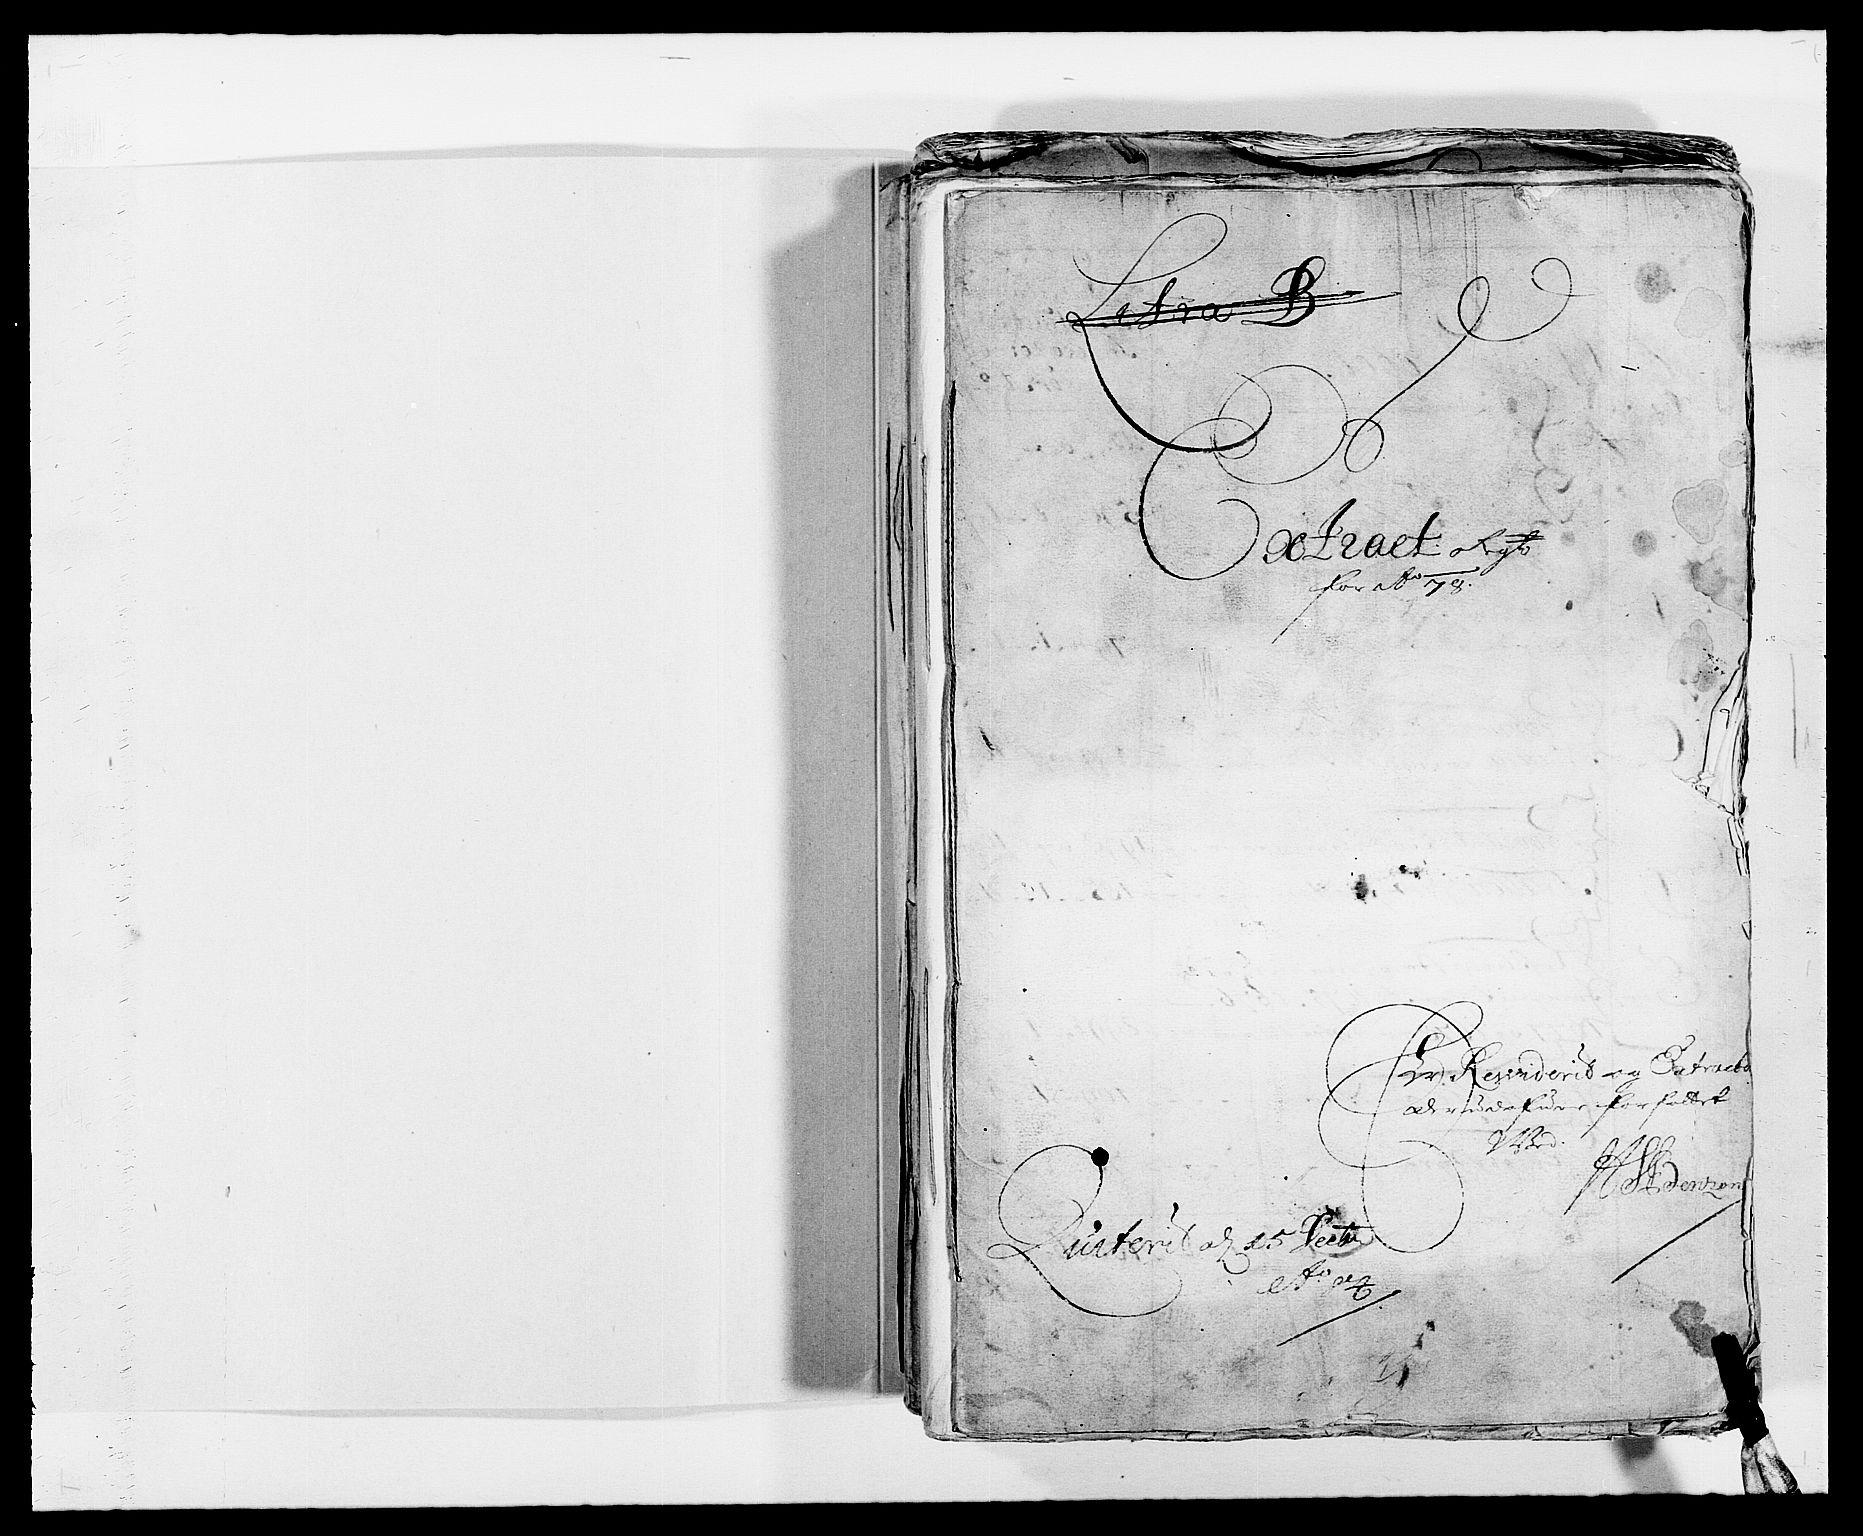 RA, Rentekammeret inntil 1814, Reviderte regnskaper, Fogderegnskap, R47/L2848: Fogderegnskap Ryfylke, 1678, s. 53